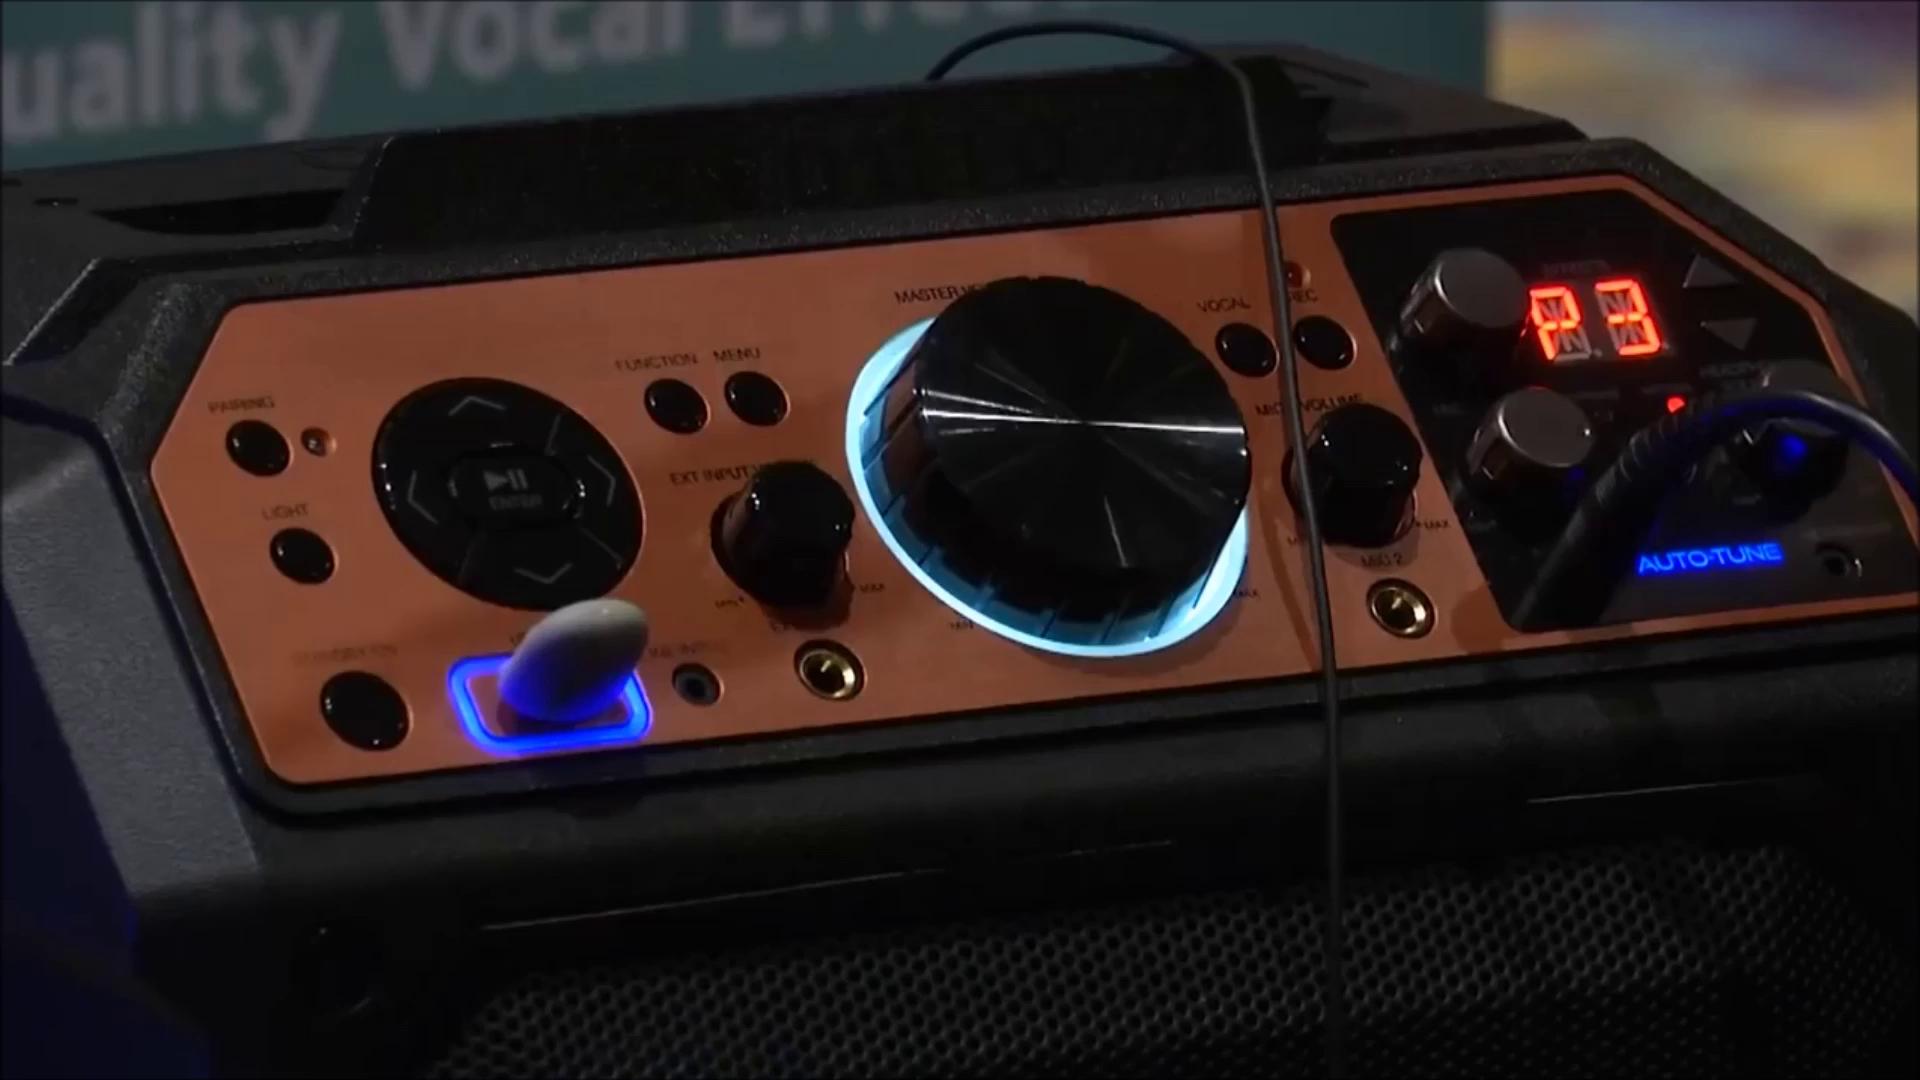 Dù có hát dở như bò rống thì chỉ cần hát qua cỗ máy karaoke này, giọng bạn sẽ hay y như diva vậy - ảnh 1